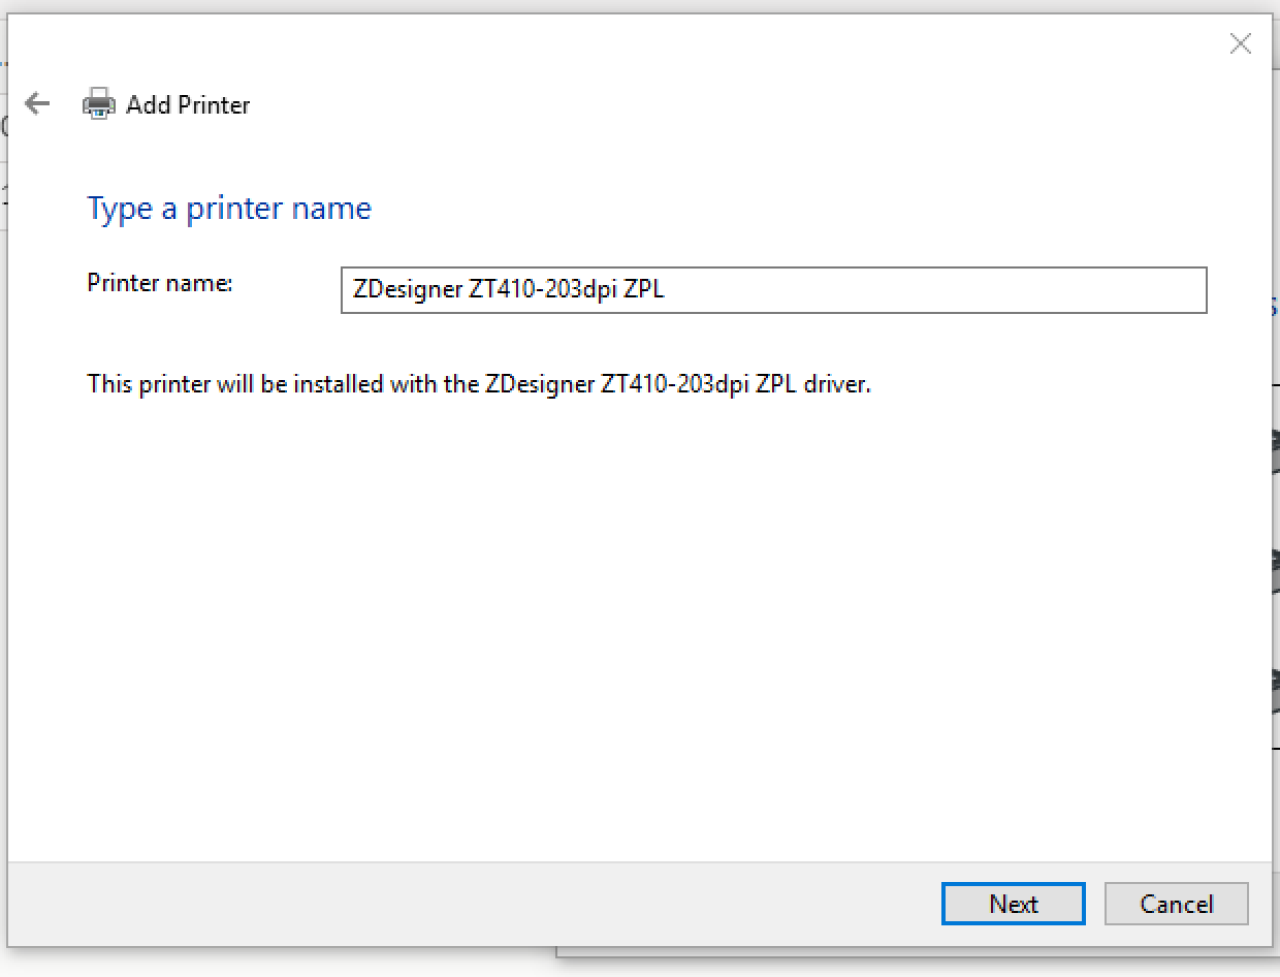 프린터 이름 화면 입력